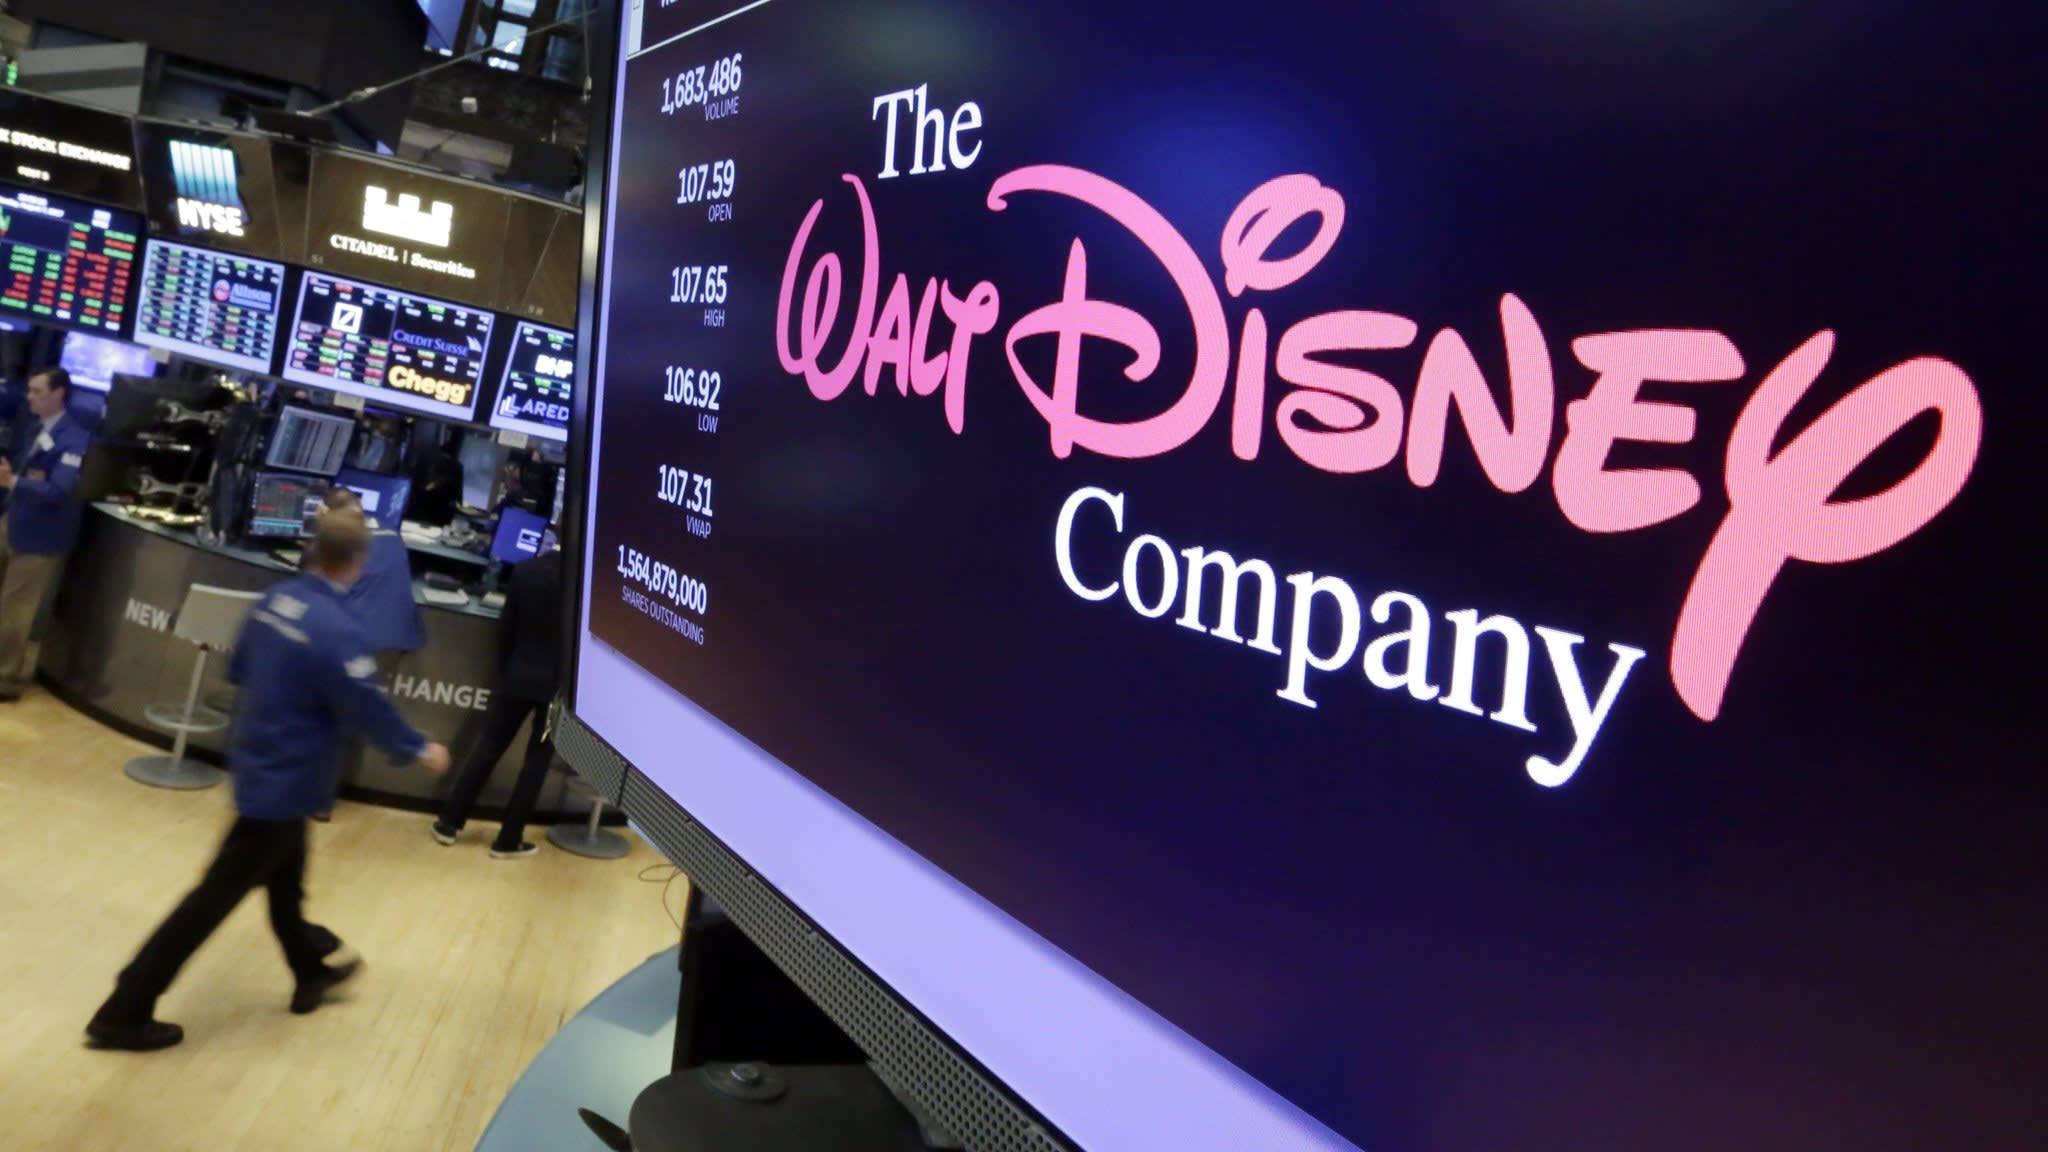 Walt Disney shares slide after earnings miss